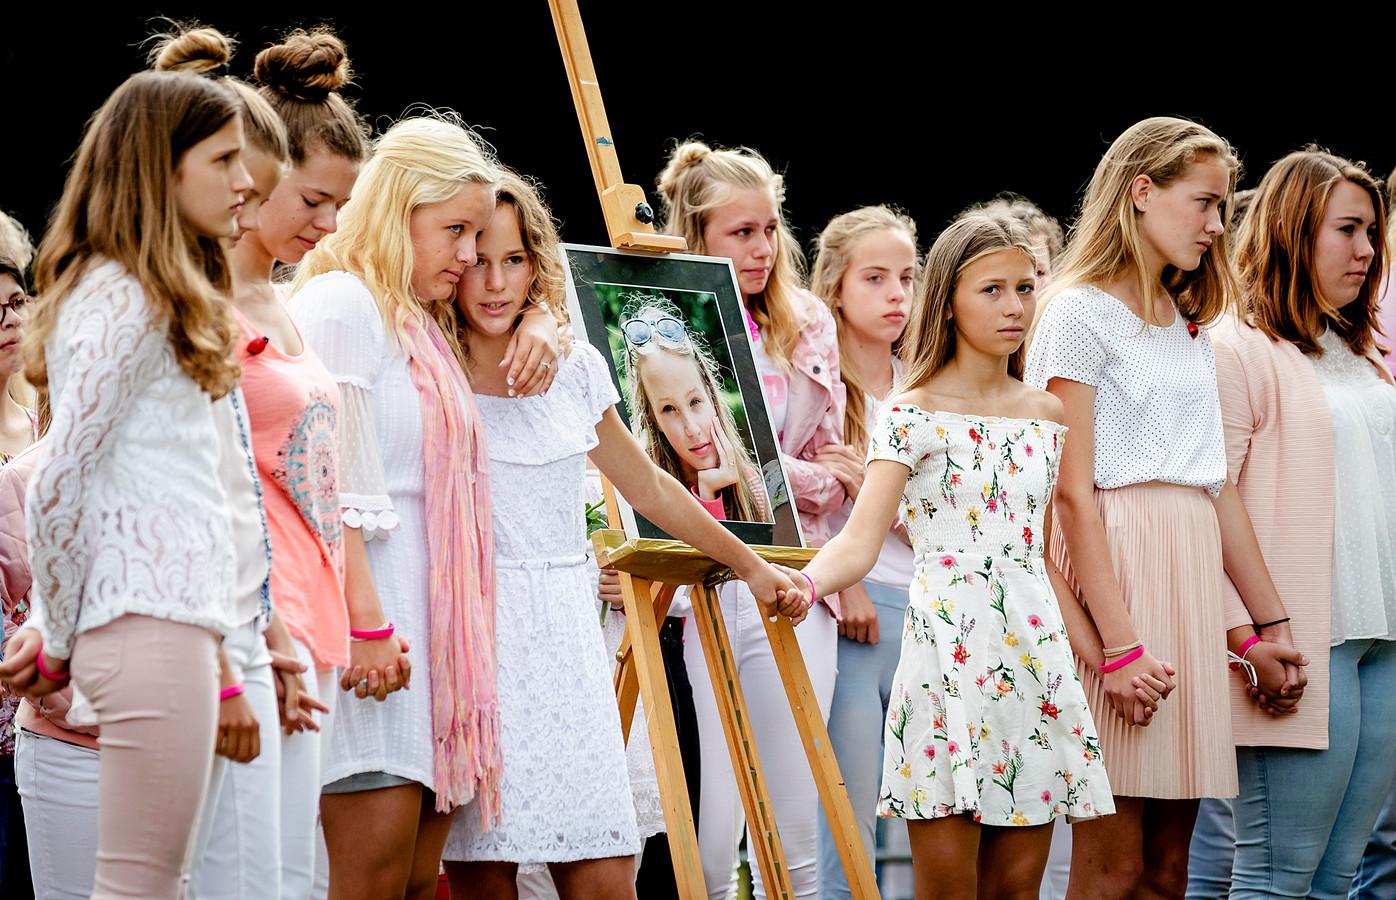 Naasten en dorpsgenoten nemen deel aan de rouwstoet op de dag van de begrafenis van Romy. De route eindigde bij de begraafplaats